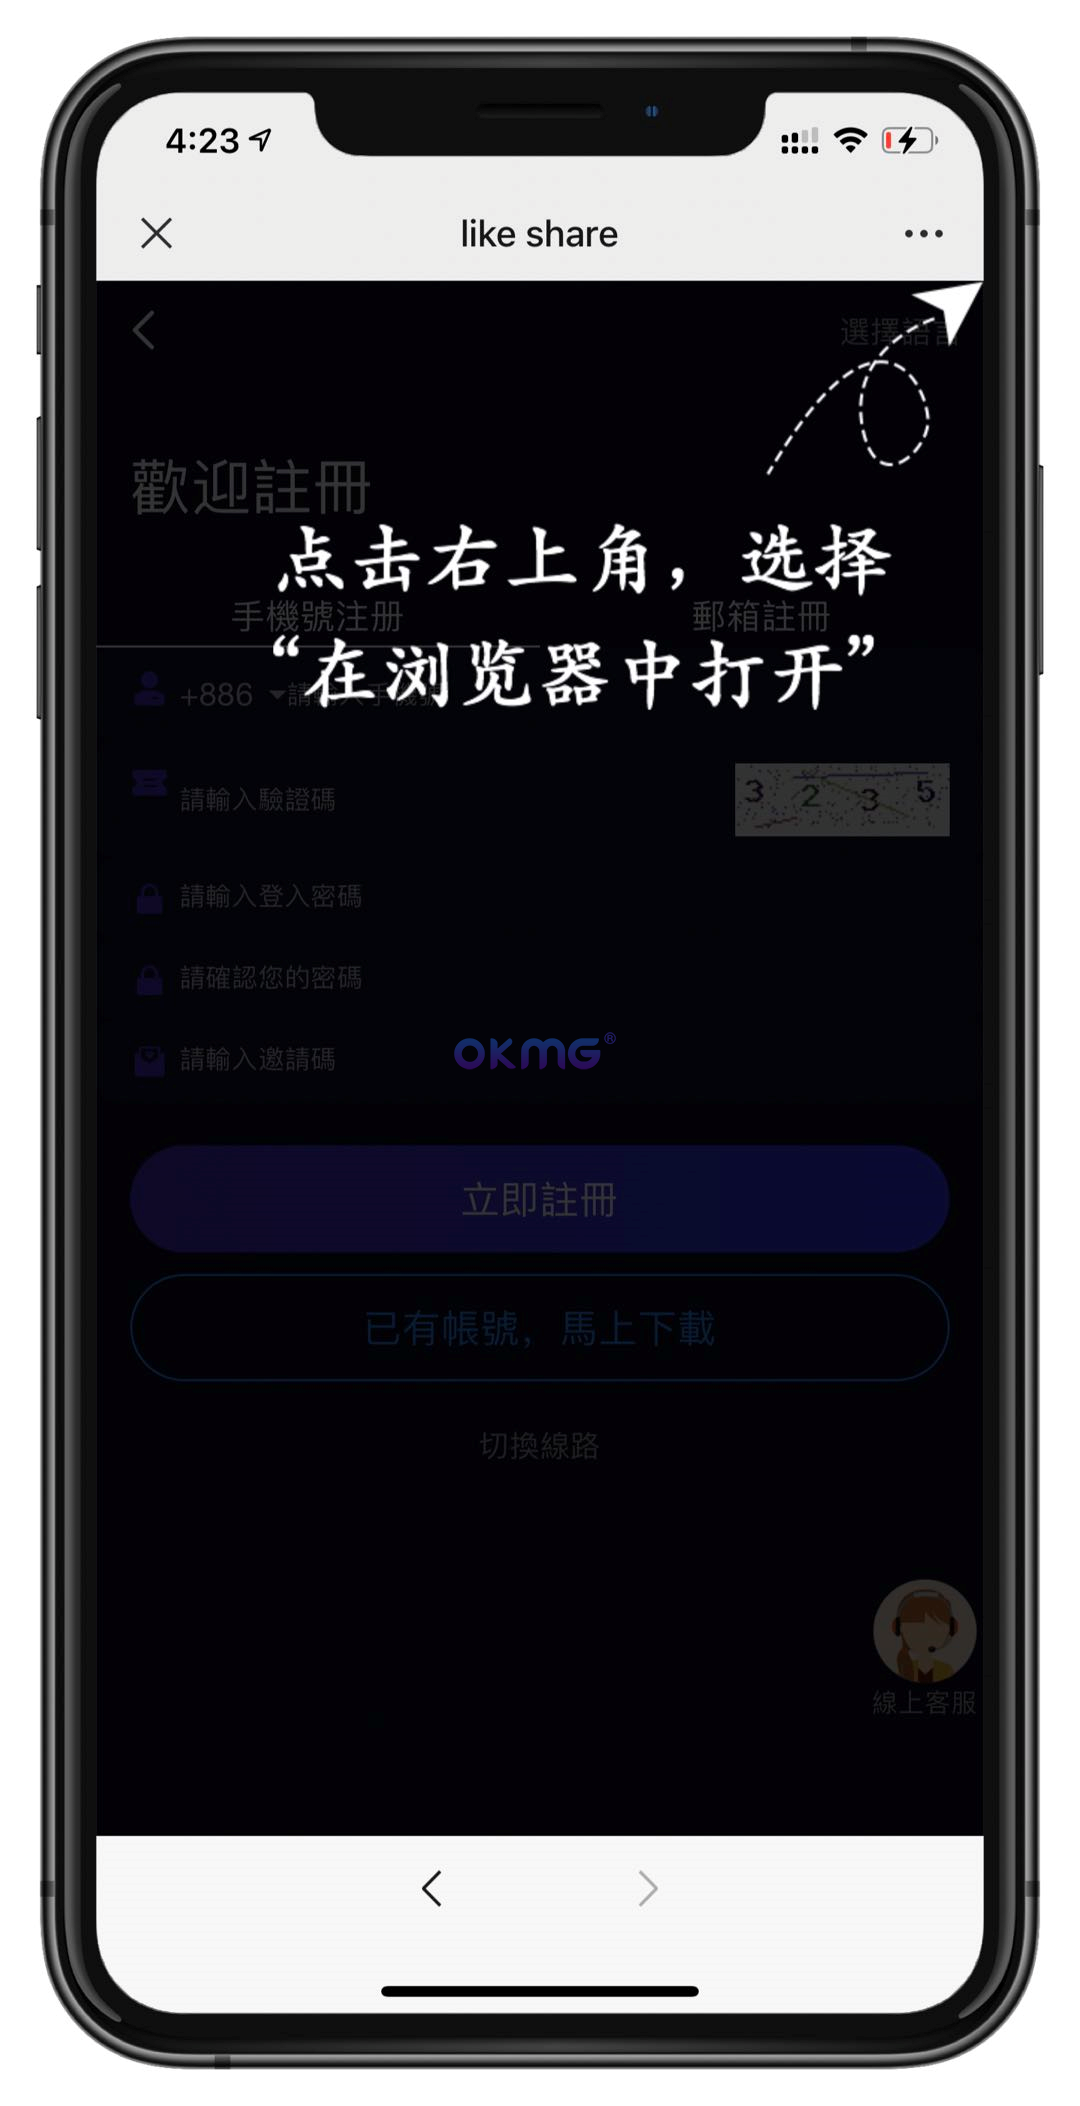 国际版多语言点赞抖音分享点赞任务平台源码(十二种语言 包更新)